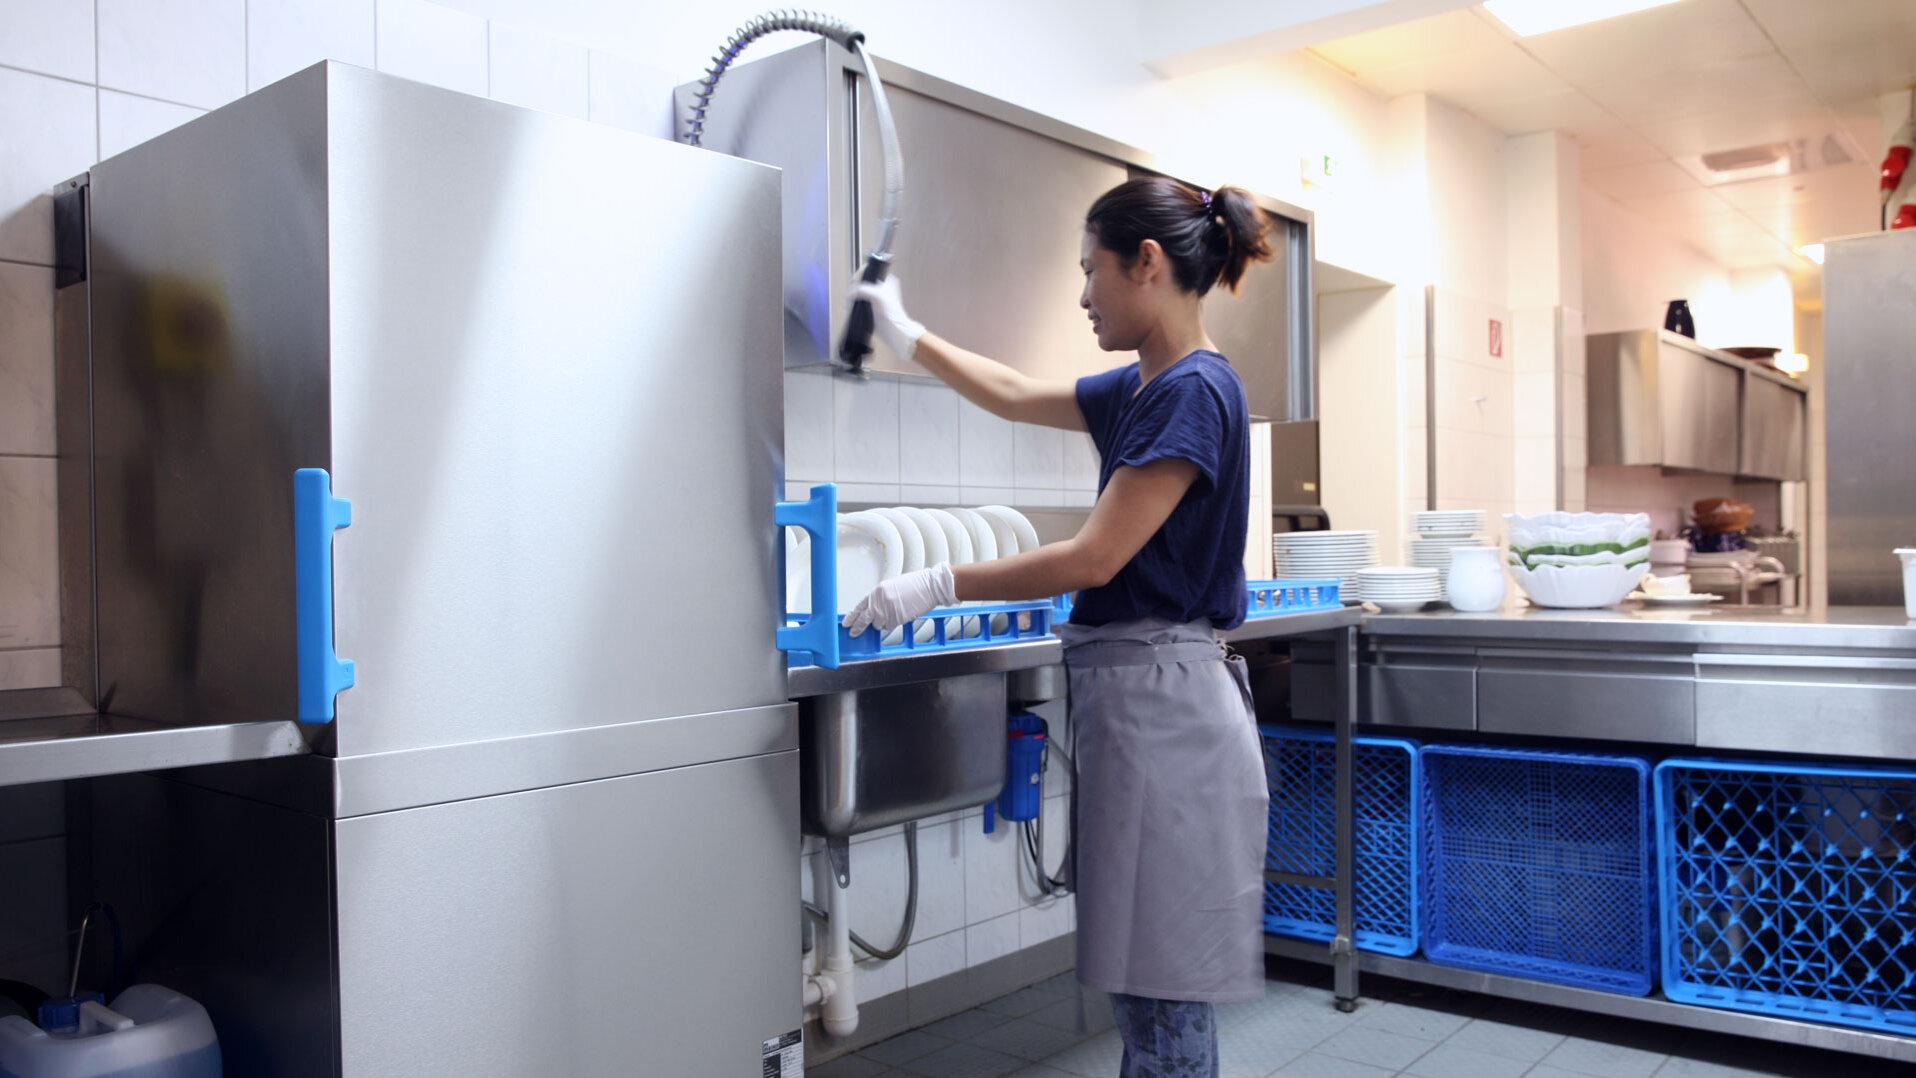 Qualitativ bestmögliche Anordnung in der Küche